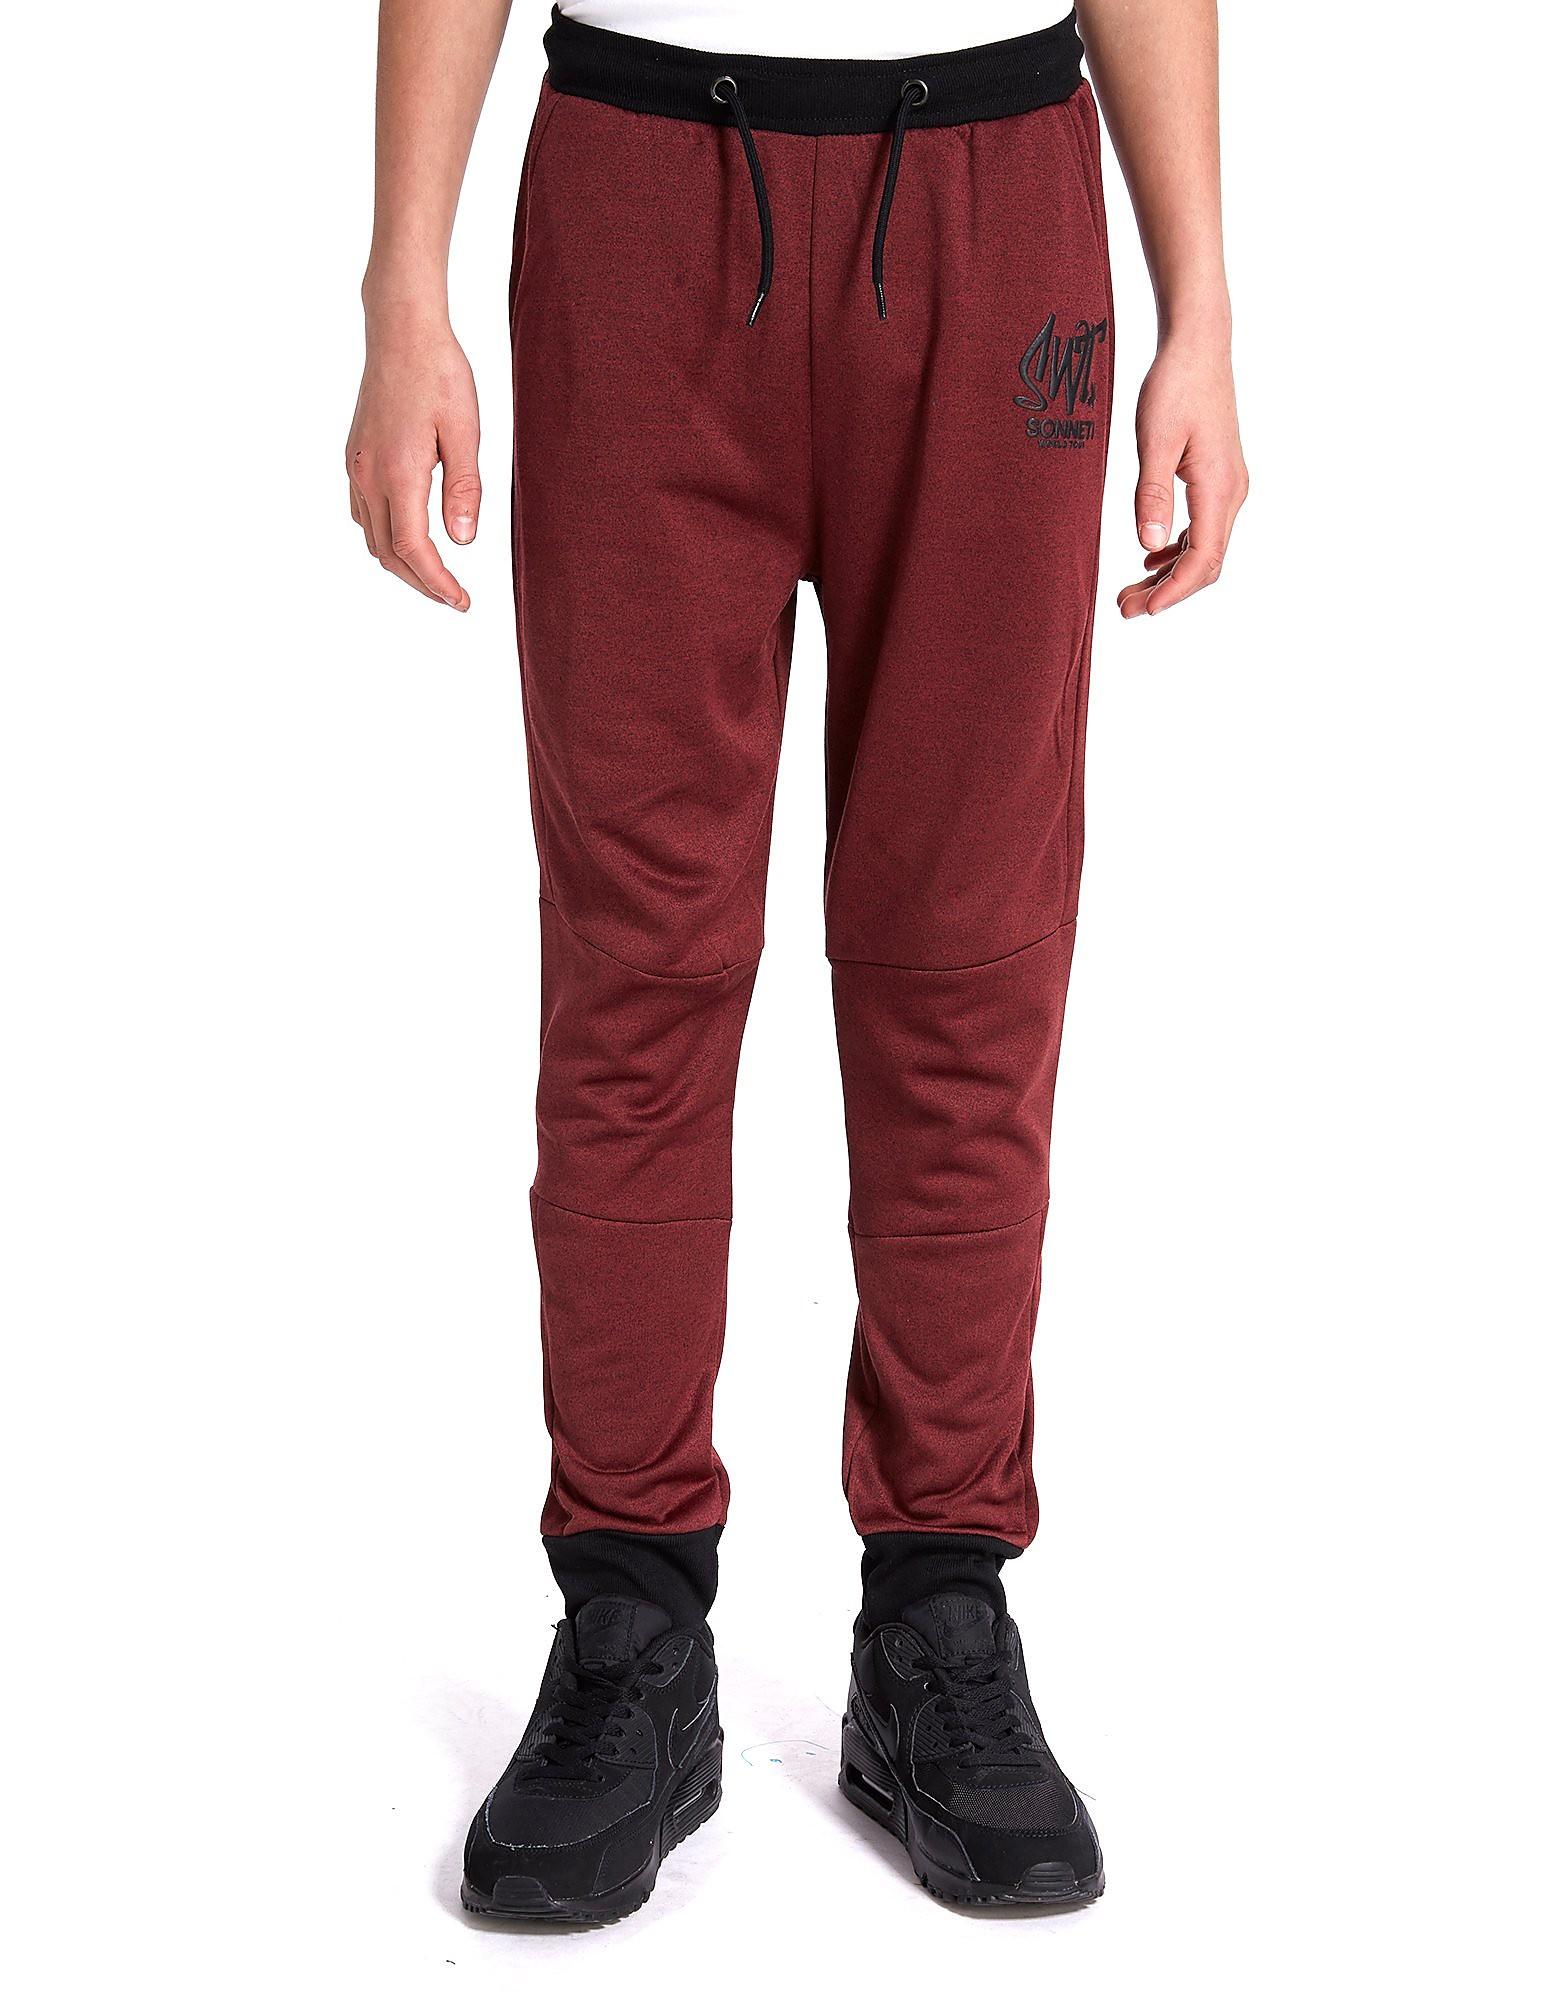 Sonneti Compounder Pants Junior